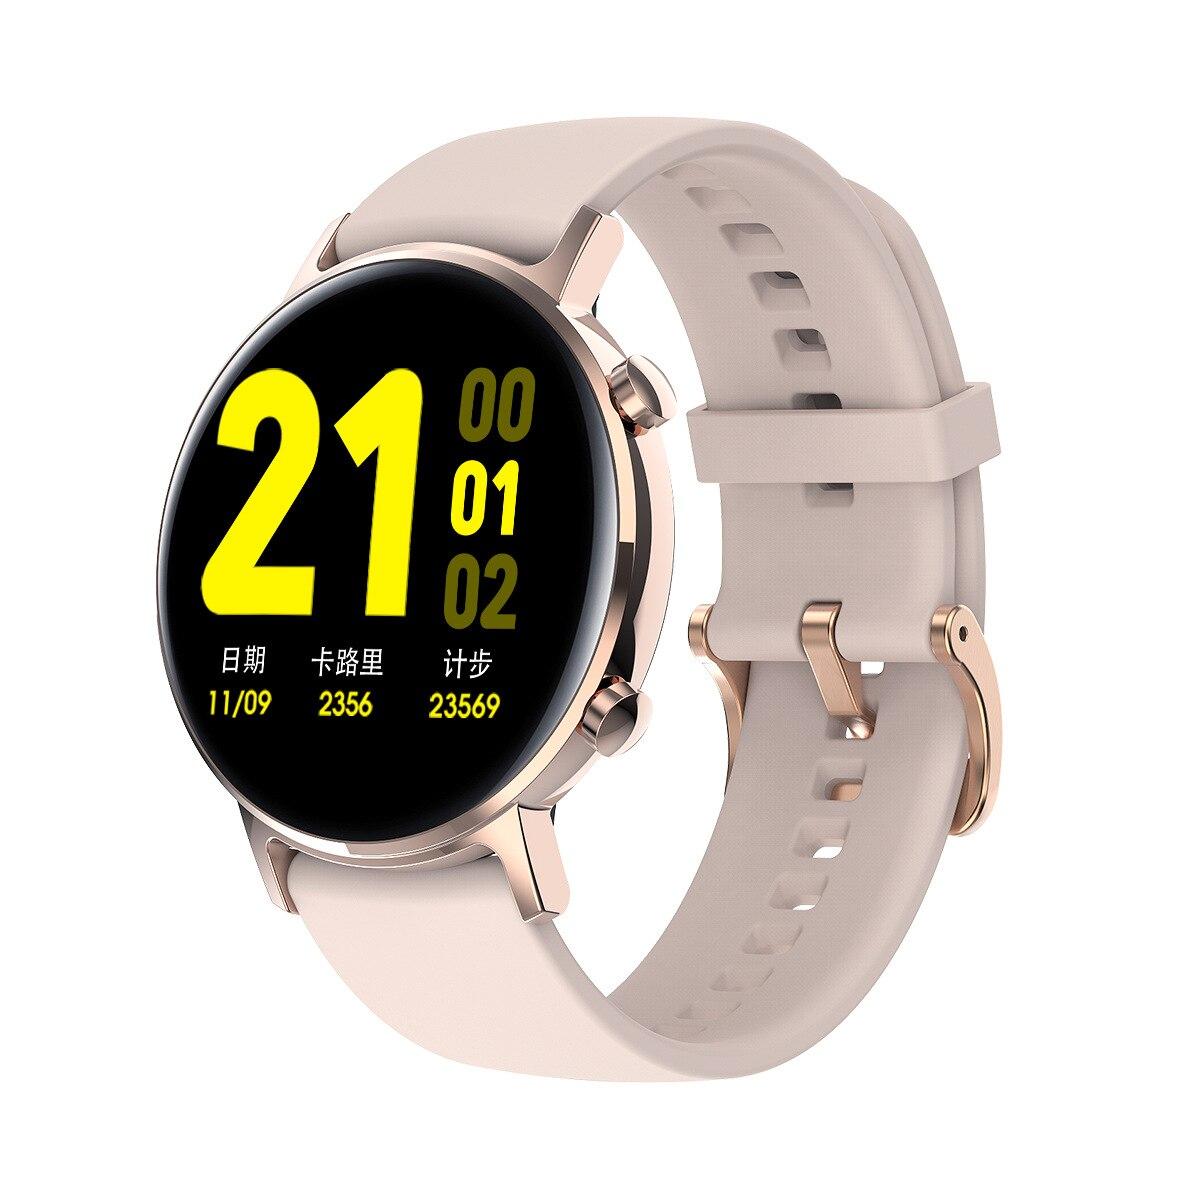 ppg monitor de freqüência cardíaca exercício esporte saúde relógio